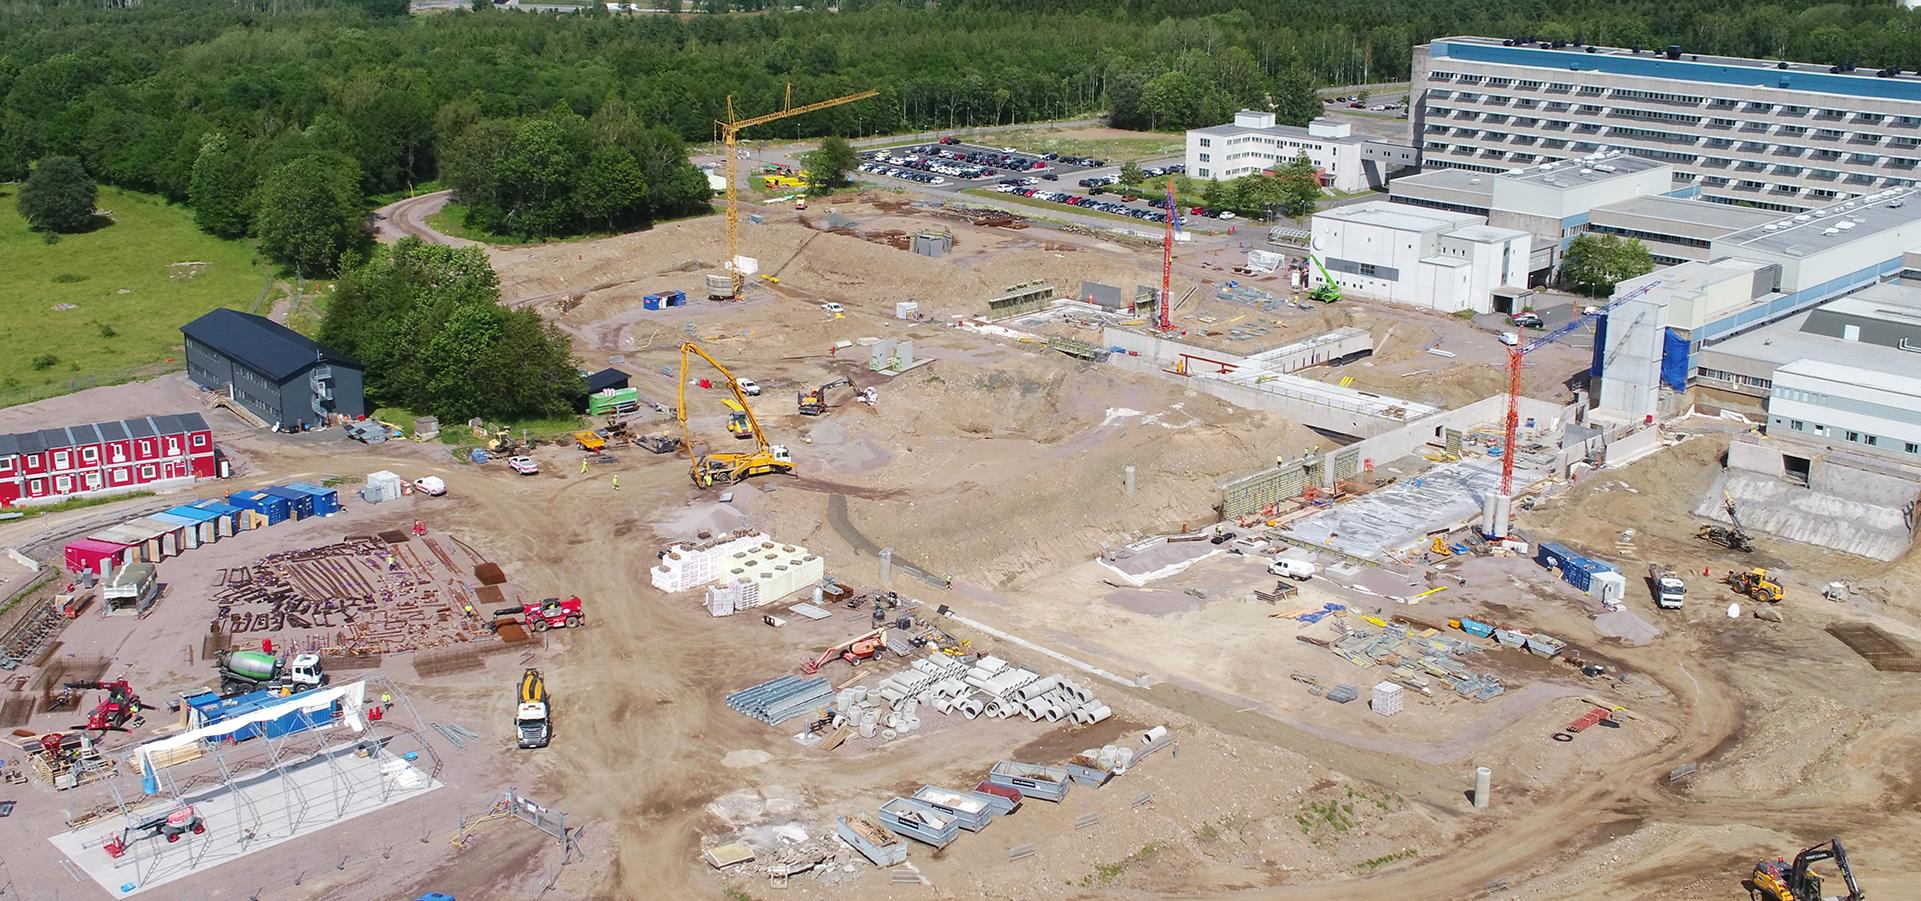 Flygfoto över byggarbetsplatsen på sjukhusområdet i Skövde